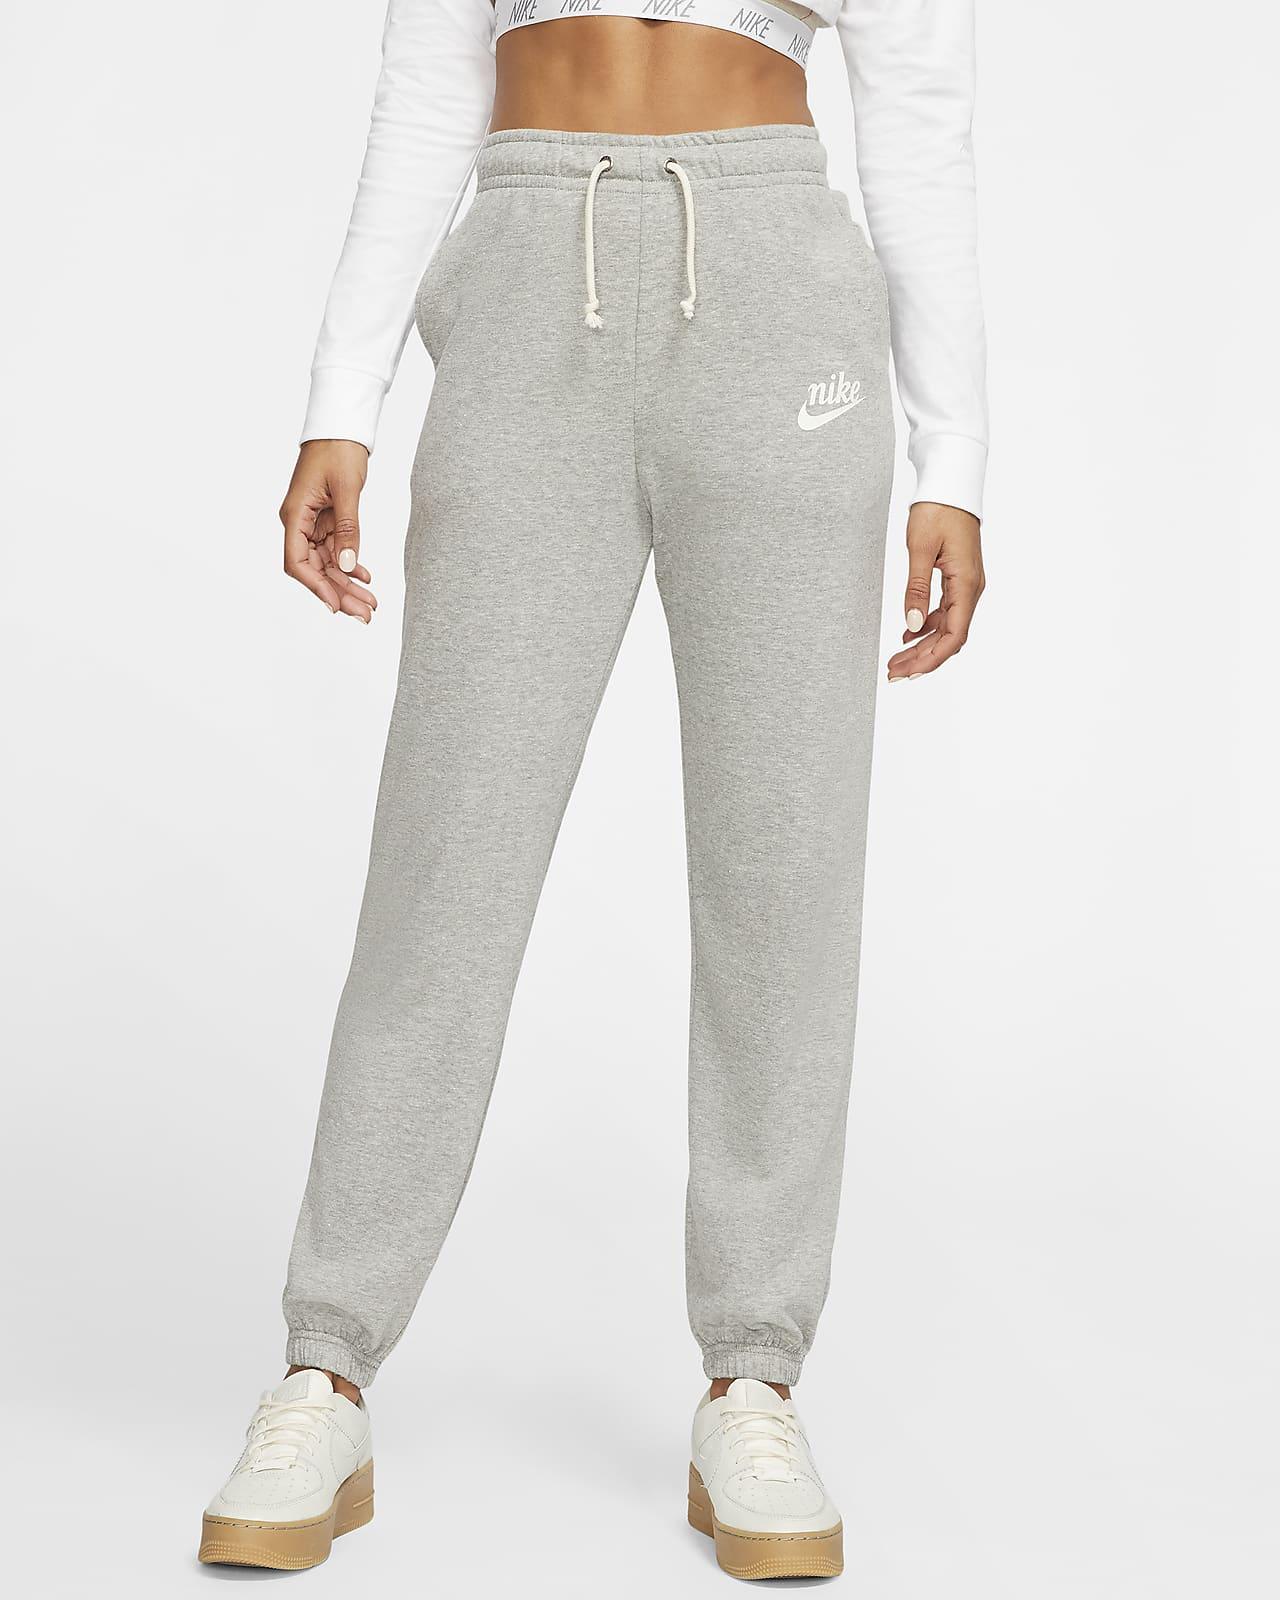 Nike Sportswear Gym Vintage Women's Trousers